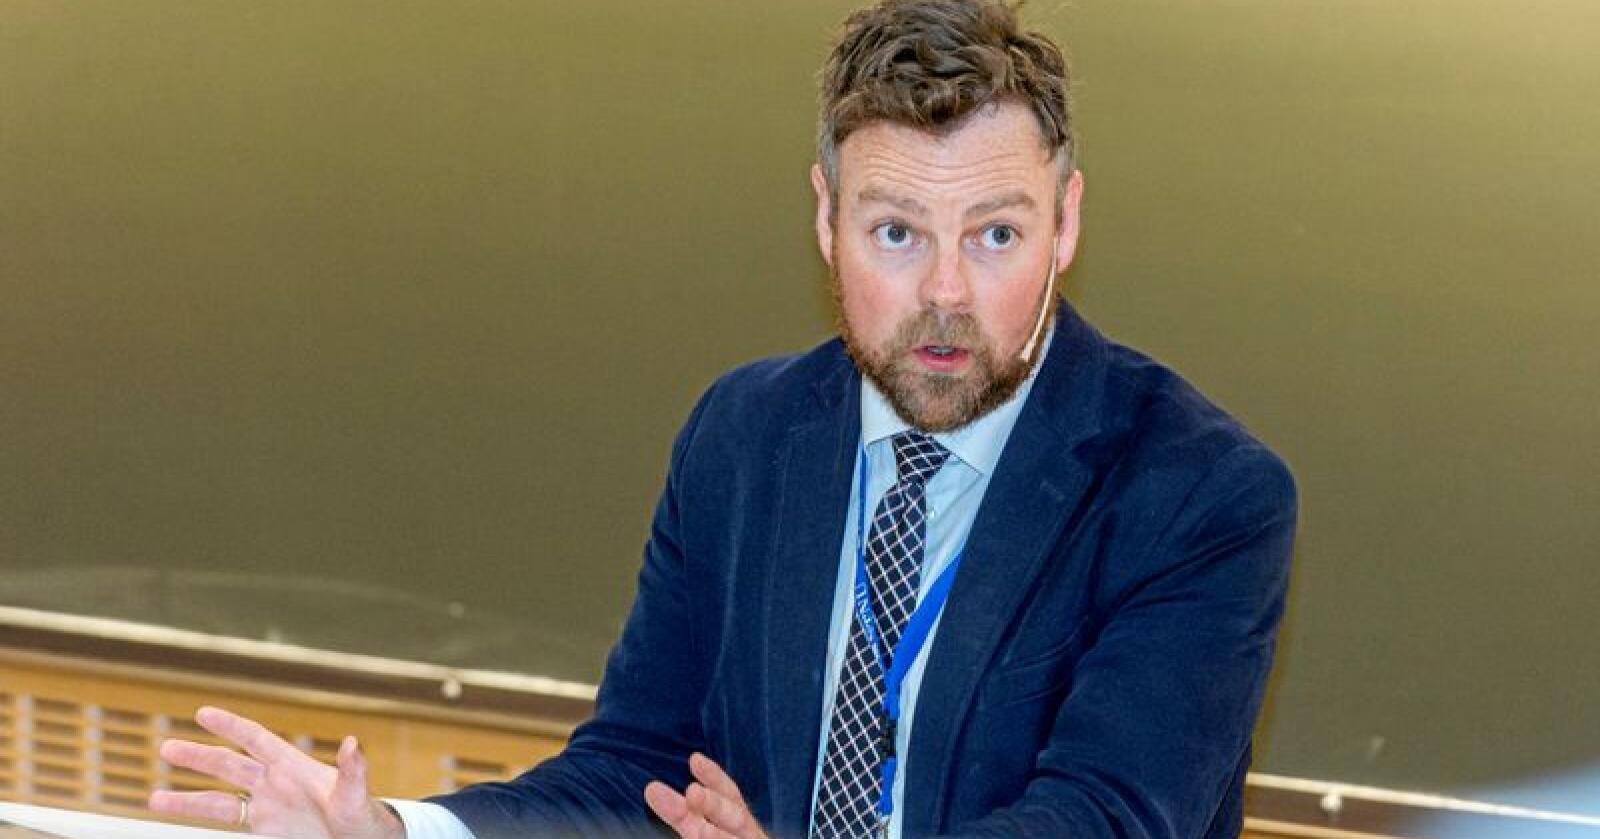 Næringsminister Torbjørn Røe Isaksen (H) kritiserer SVs næringspolitikk. Foto: Ned Alley / NTB scanpix